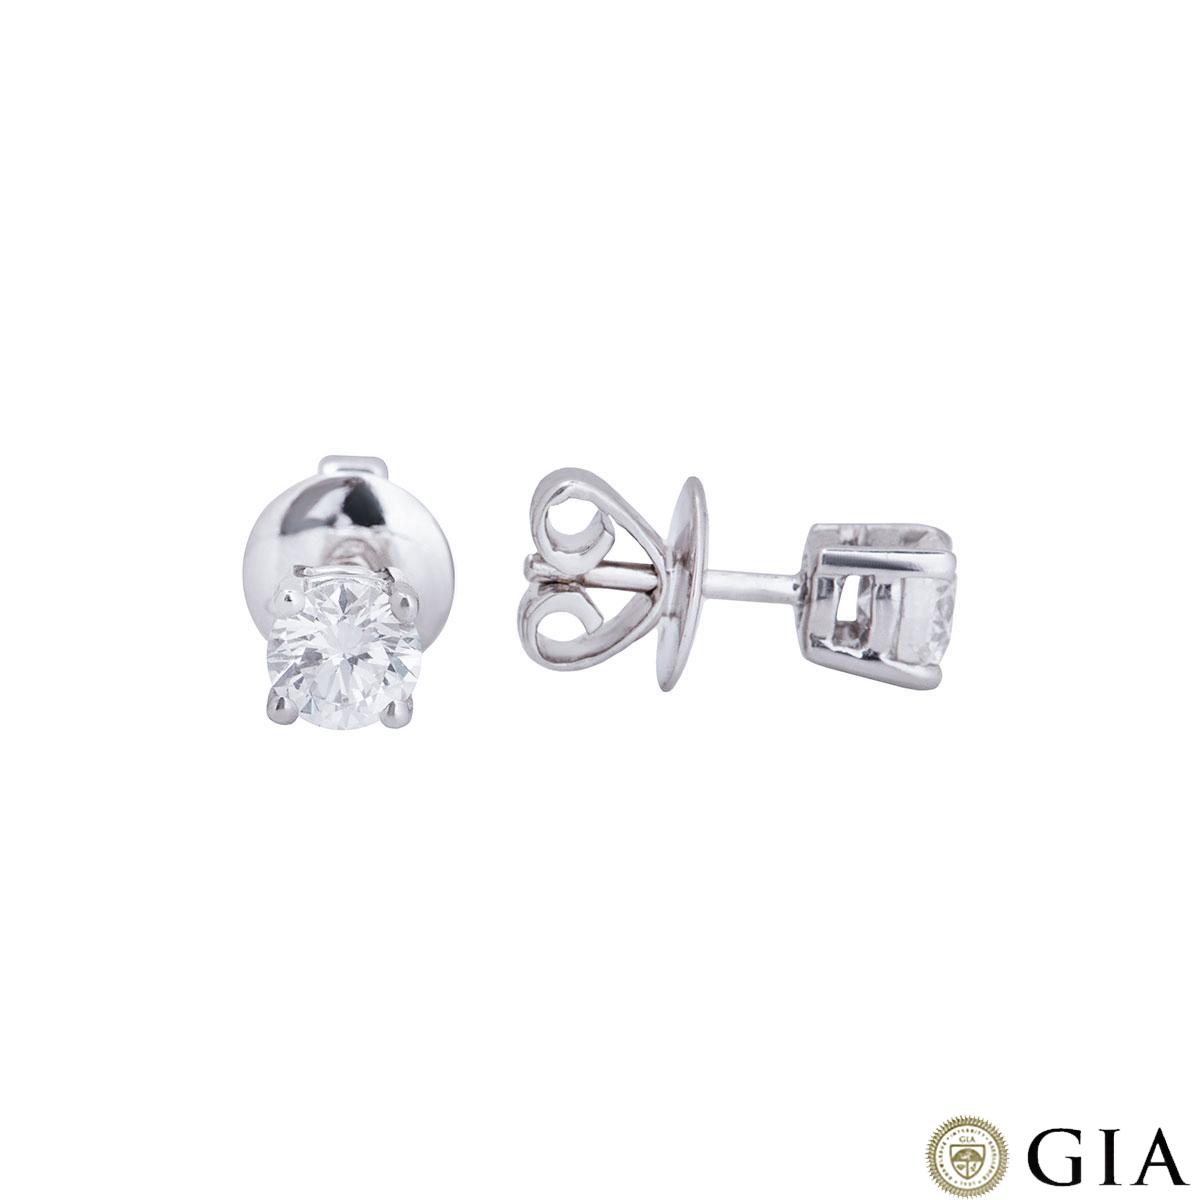 White Gold Diamond Stud Earrings 0.82ct TDW F/VS1